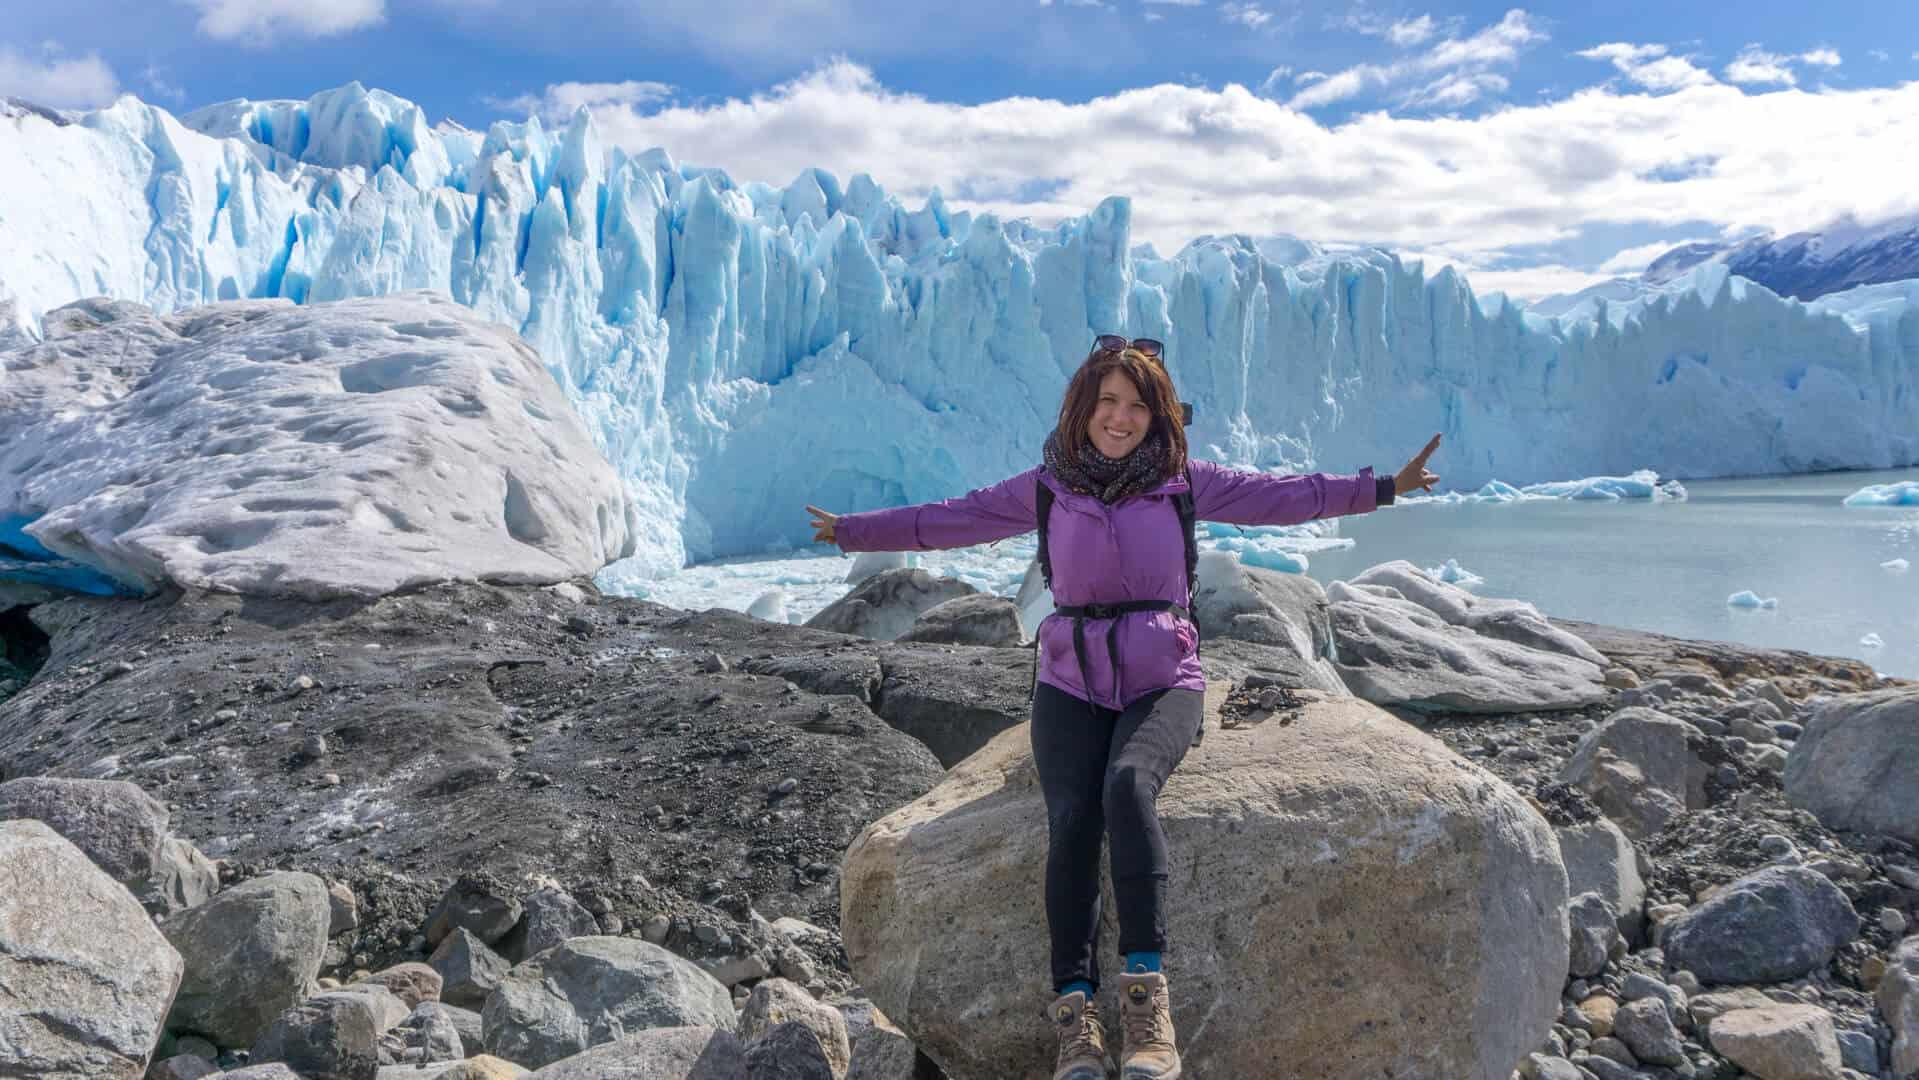 lora In front of Perito Moreno Glacier